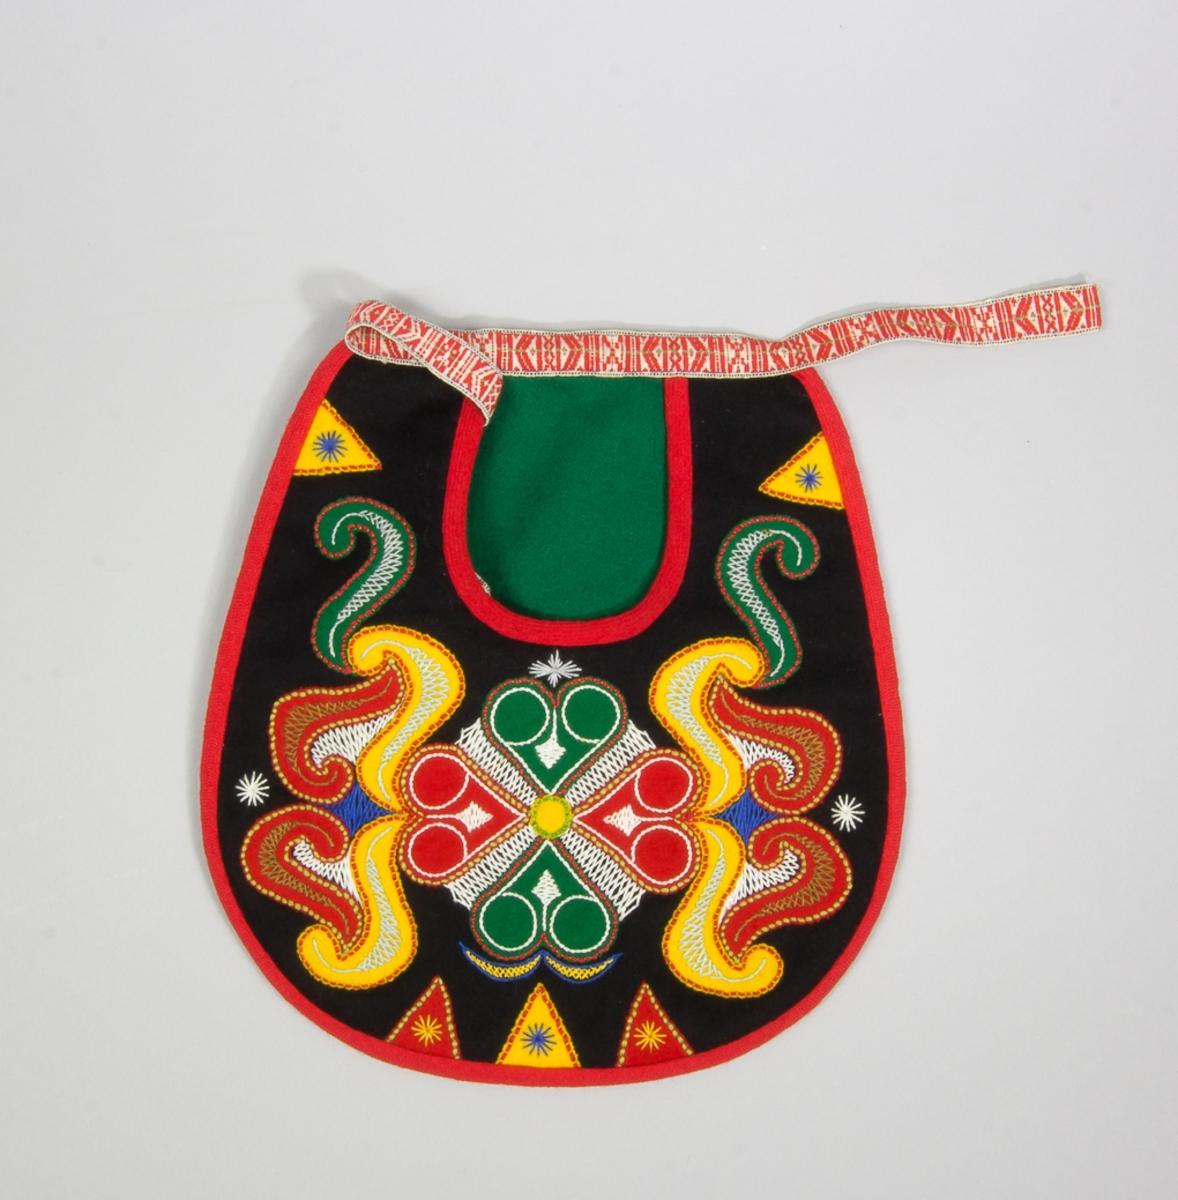 Kjolsäck till dräkt för kvinna från Leksands socken, Dalarna. Modell med u-formad öppning. Framstycke av svart ylletyg, kläde, med applikationer av kläde i rött, grönt och gult, fastsydda med läggsöm. Centralt placerad hjärtblomma med slingor och trekanter på sidorna. Broderi utfört med glansigt bomullsgarn i flera färger: flätsöm, stjälksöm och sticksöm. Kantat runtom med rött diagonalvävt ylleband. Framstycket fodrat med beige bomullstyg. Bakstycke av svart kläde. Midjeband handvävt, med plockat mönster av rött ullgarn på vit botten.